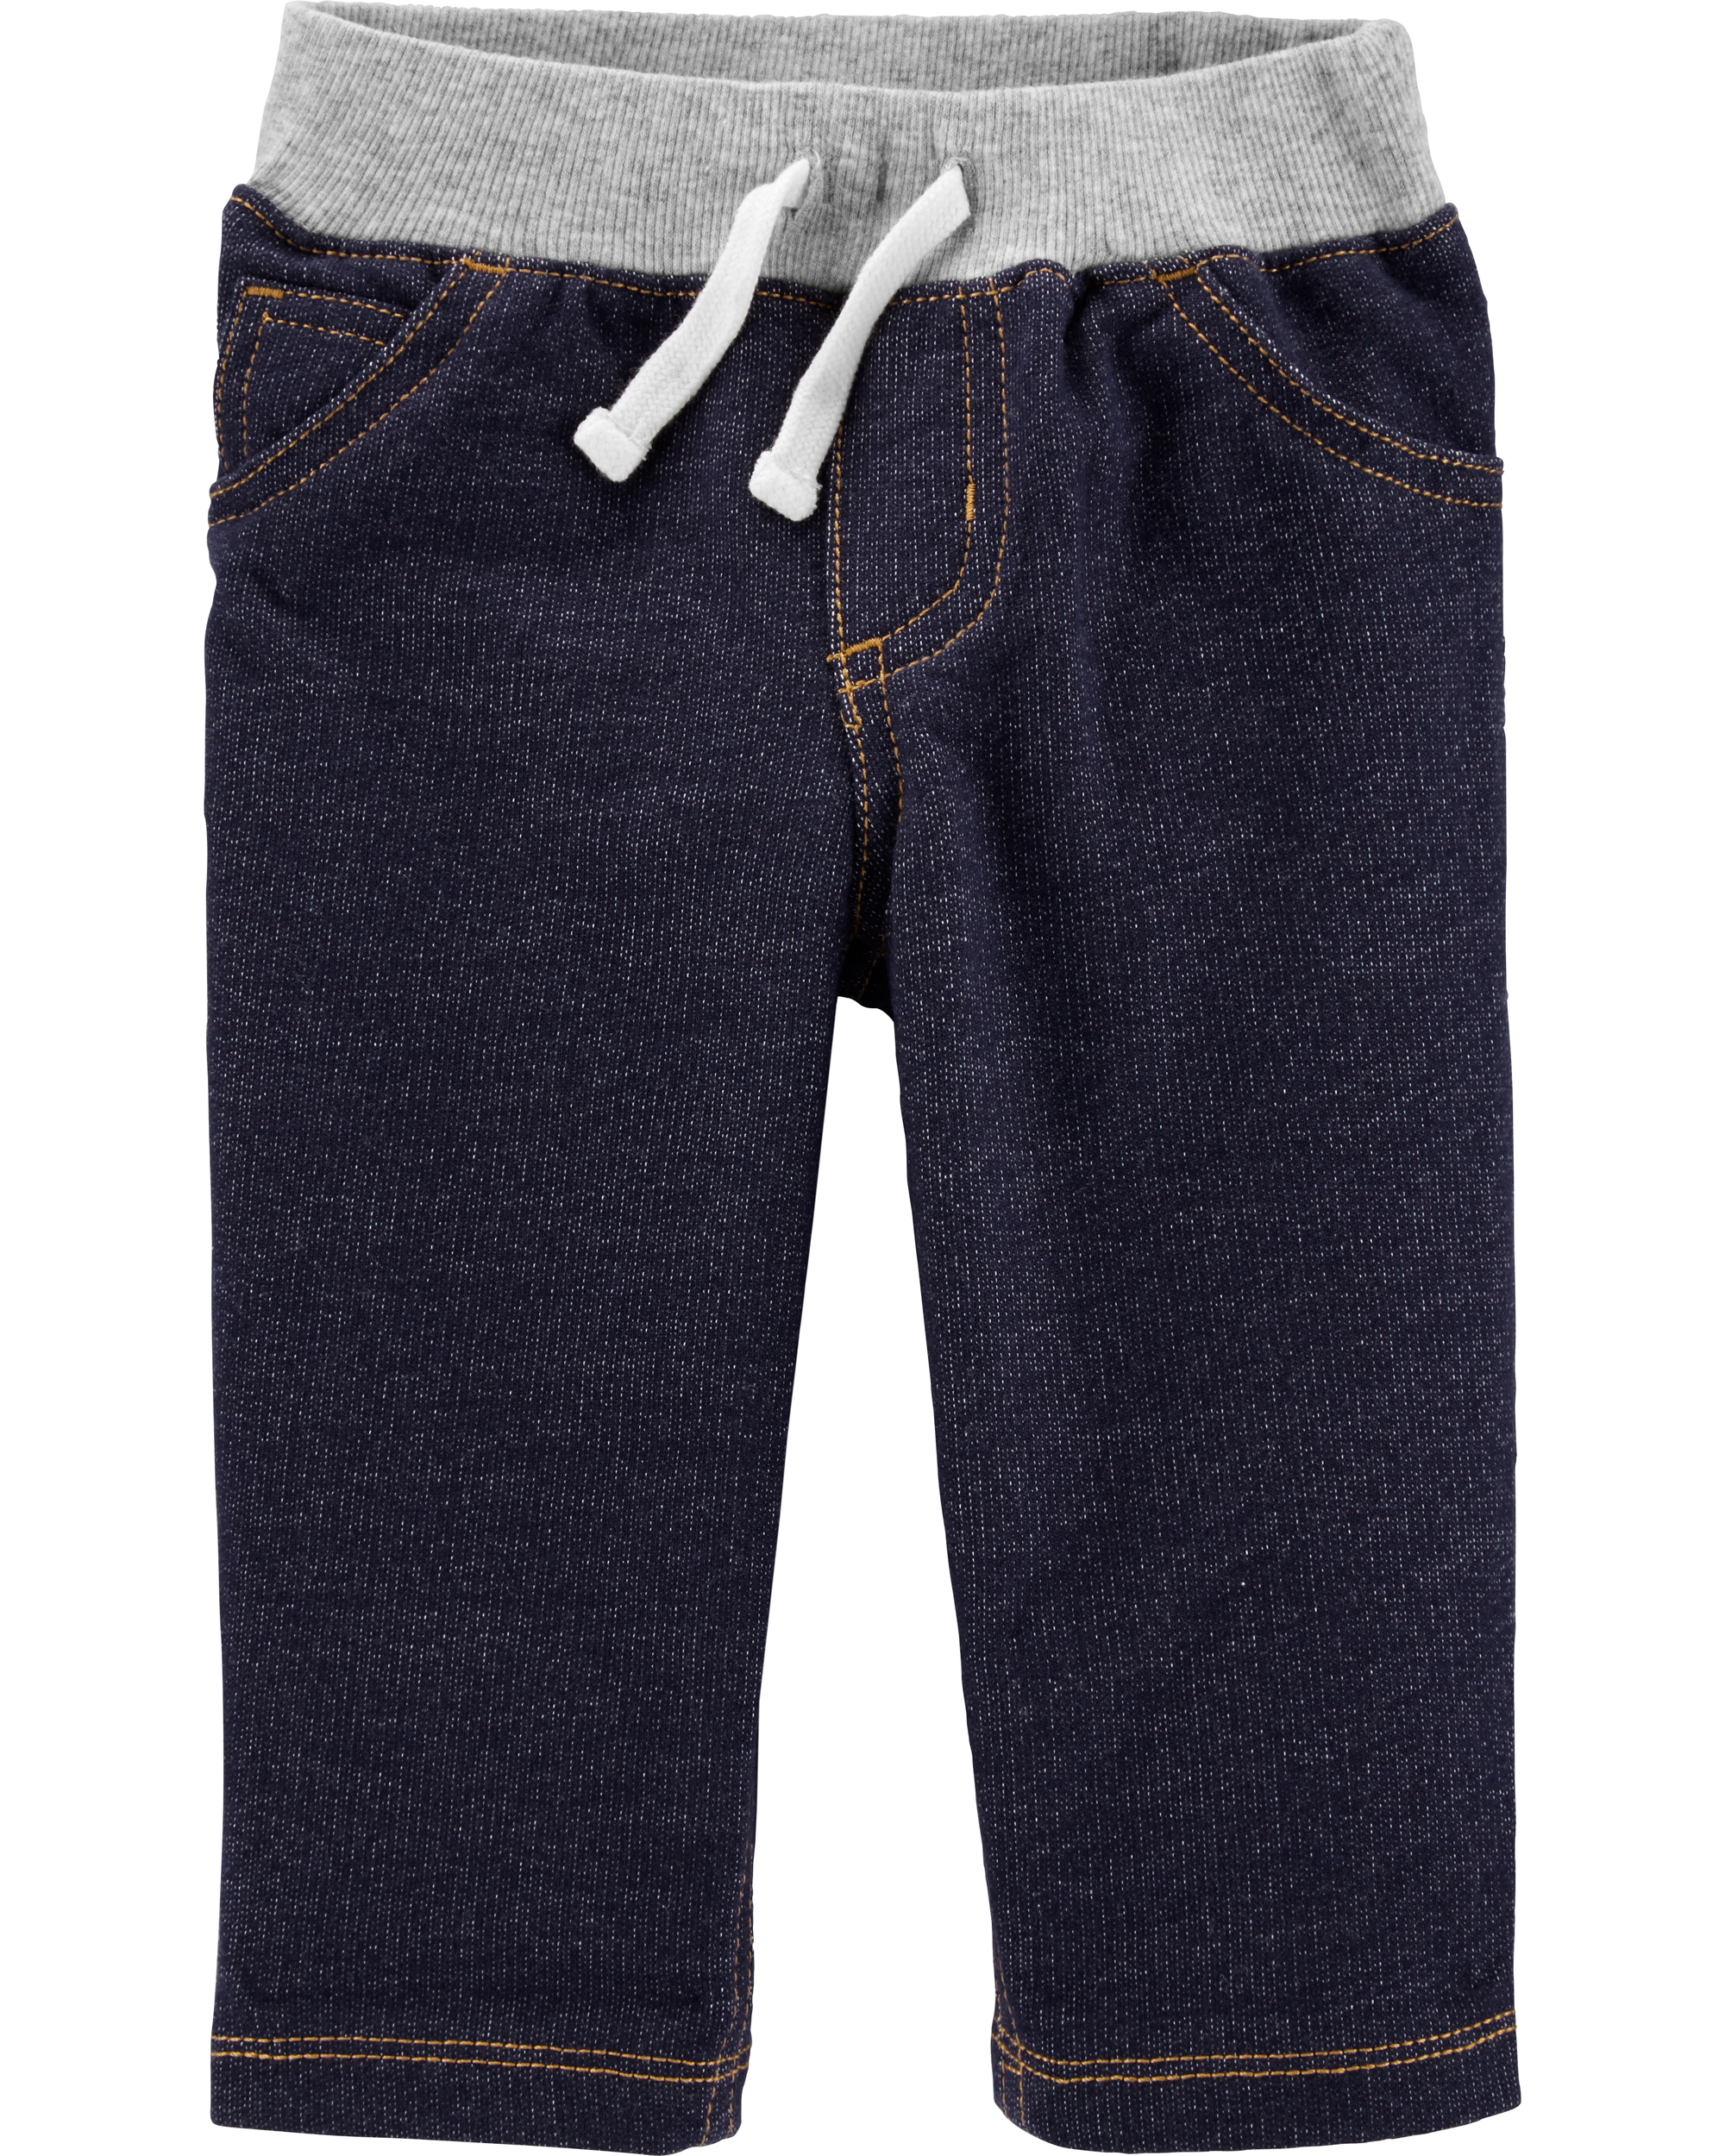 מכנס ג'ינס סריג